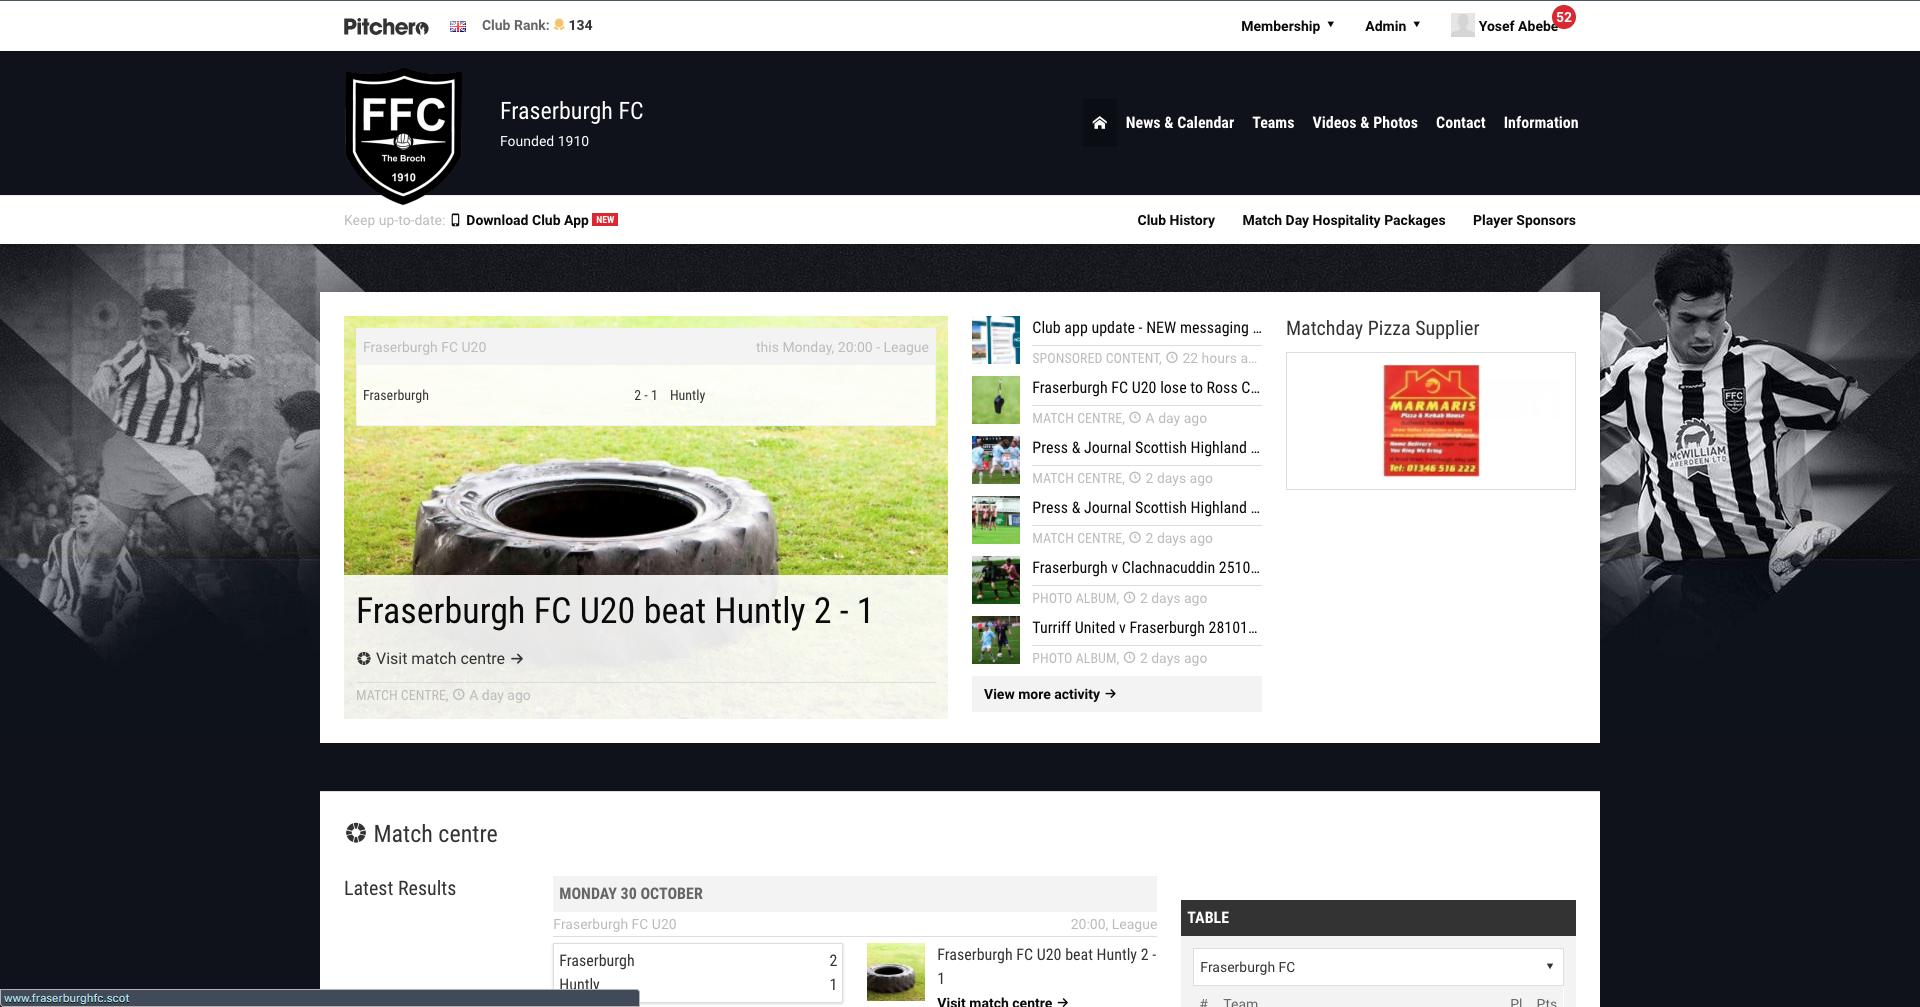 Fraserburgh FC